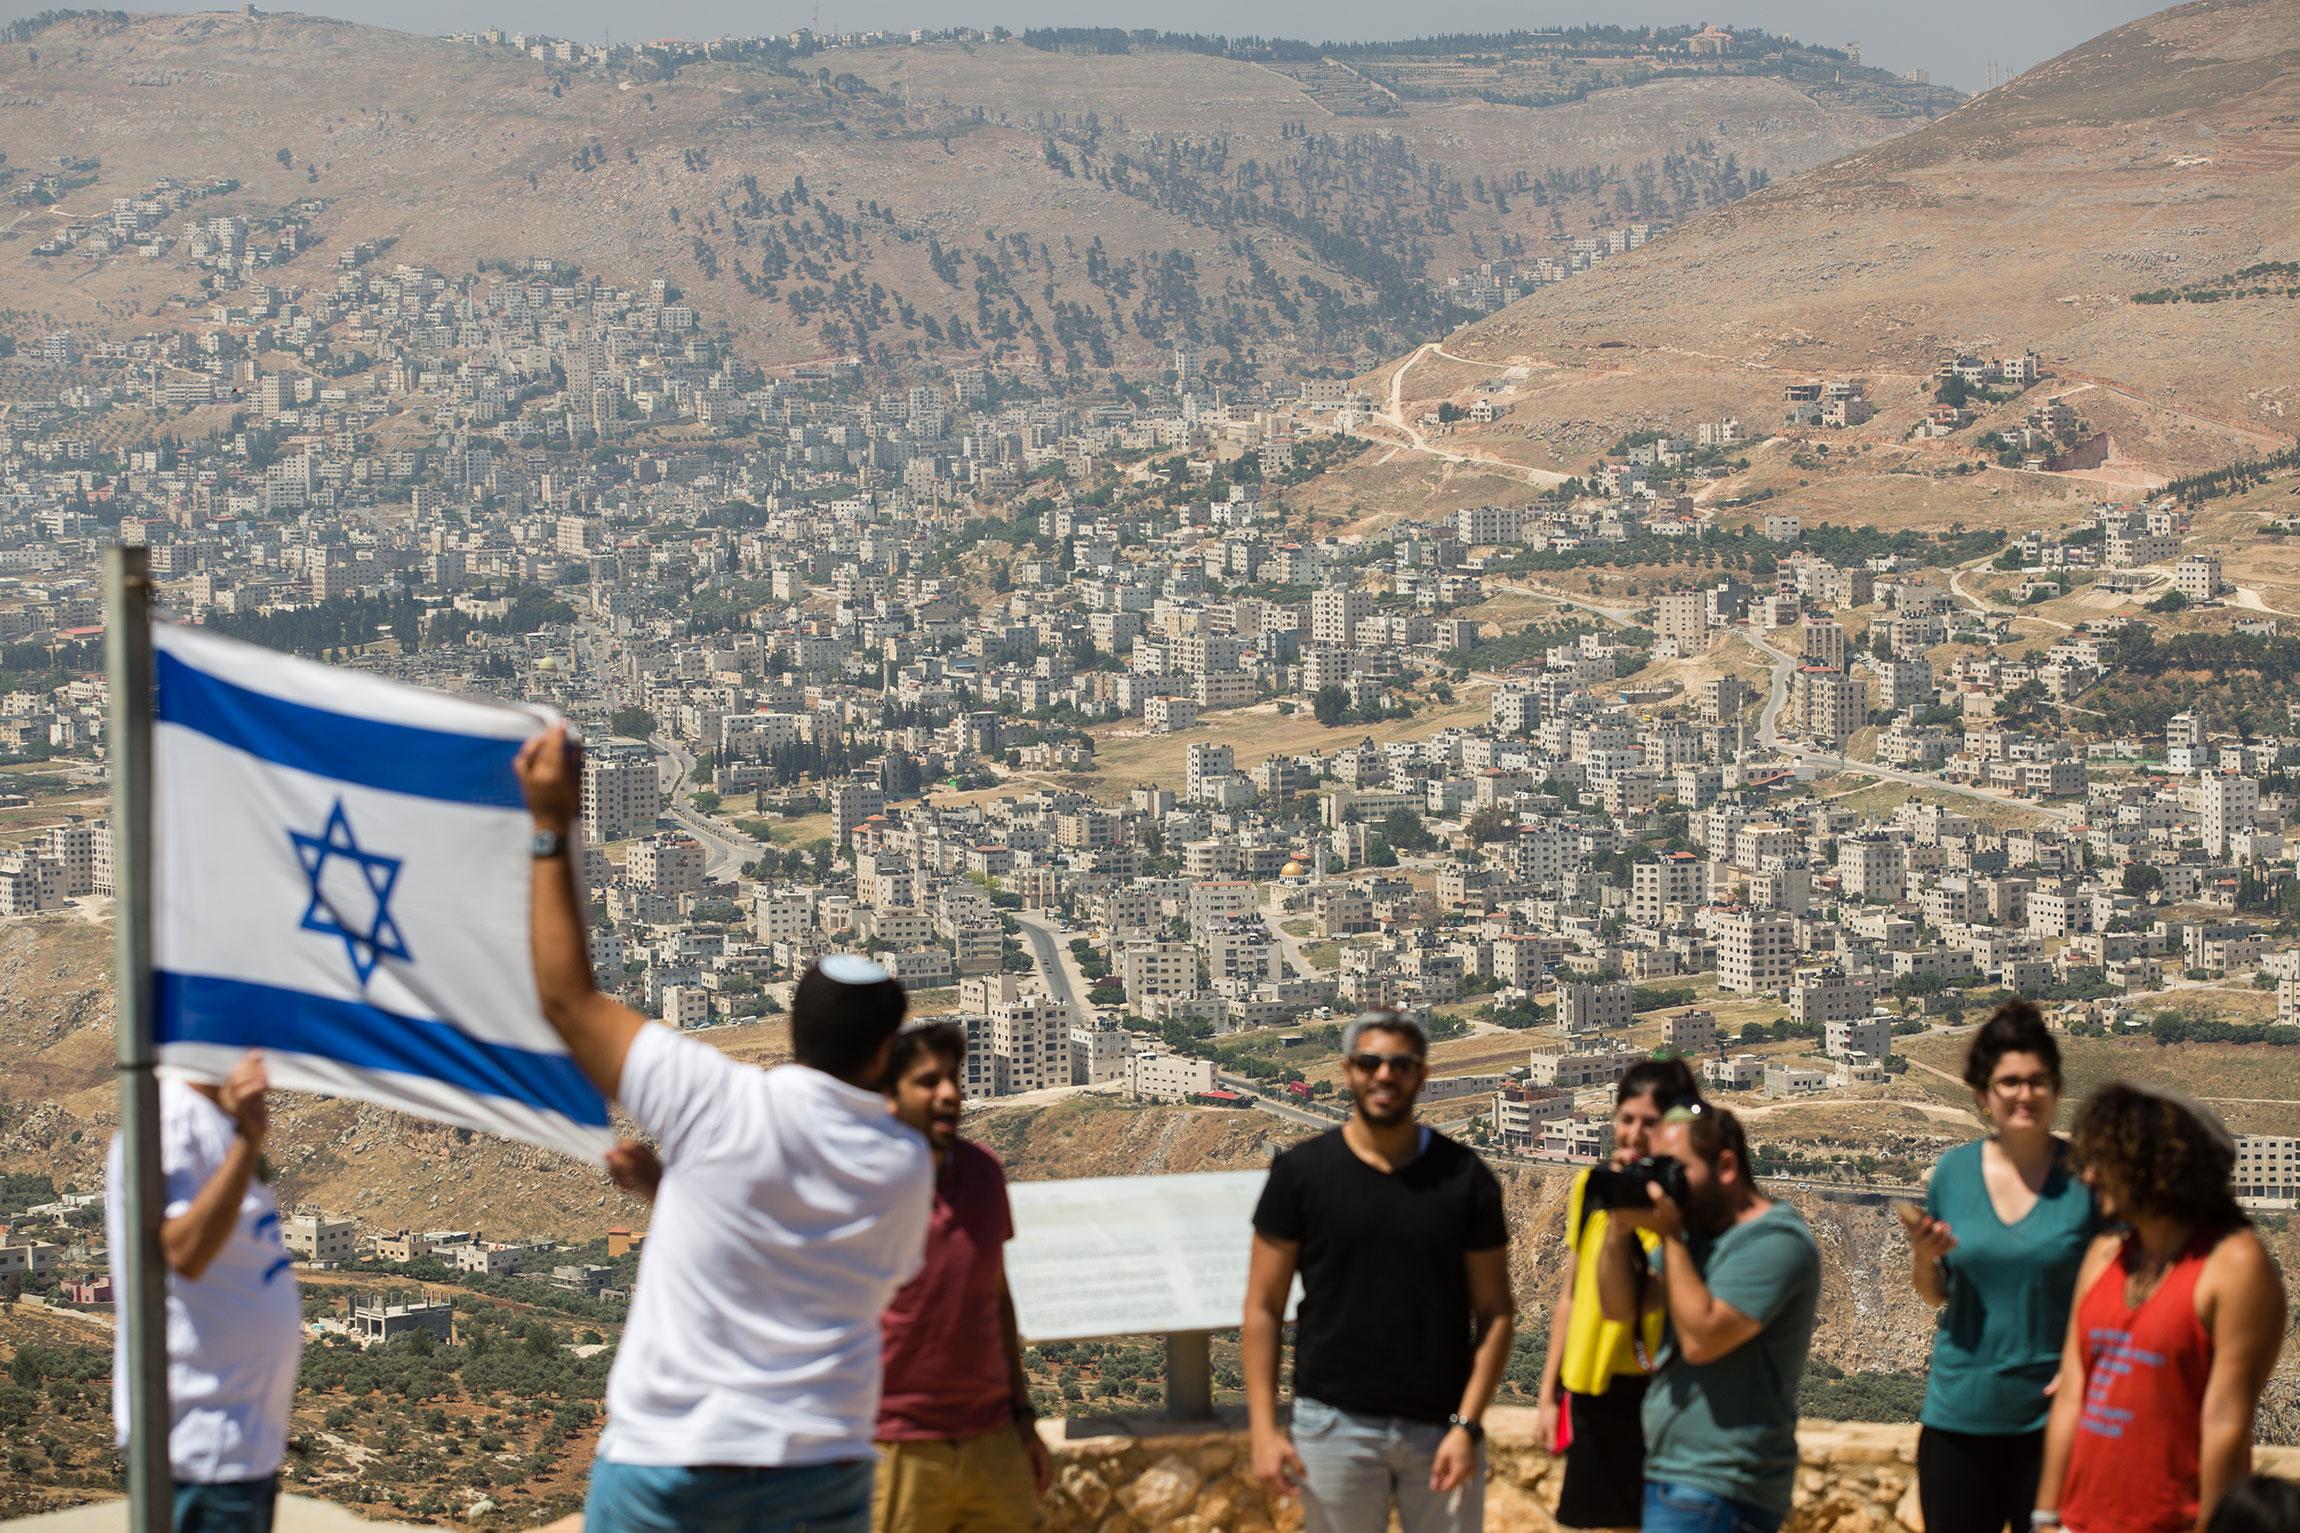 israel_settlements_2300 Азийн өрсөлдөх чадвартай 10 том эдийн засгийг нэрлэлээ